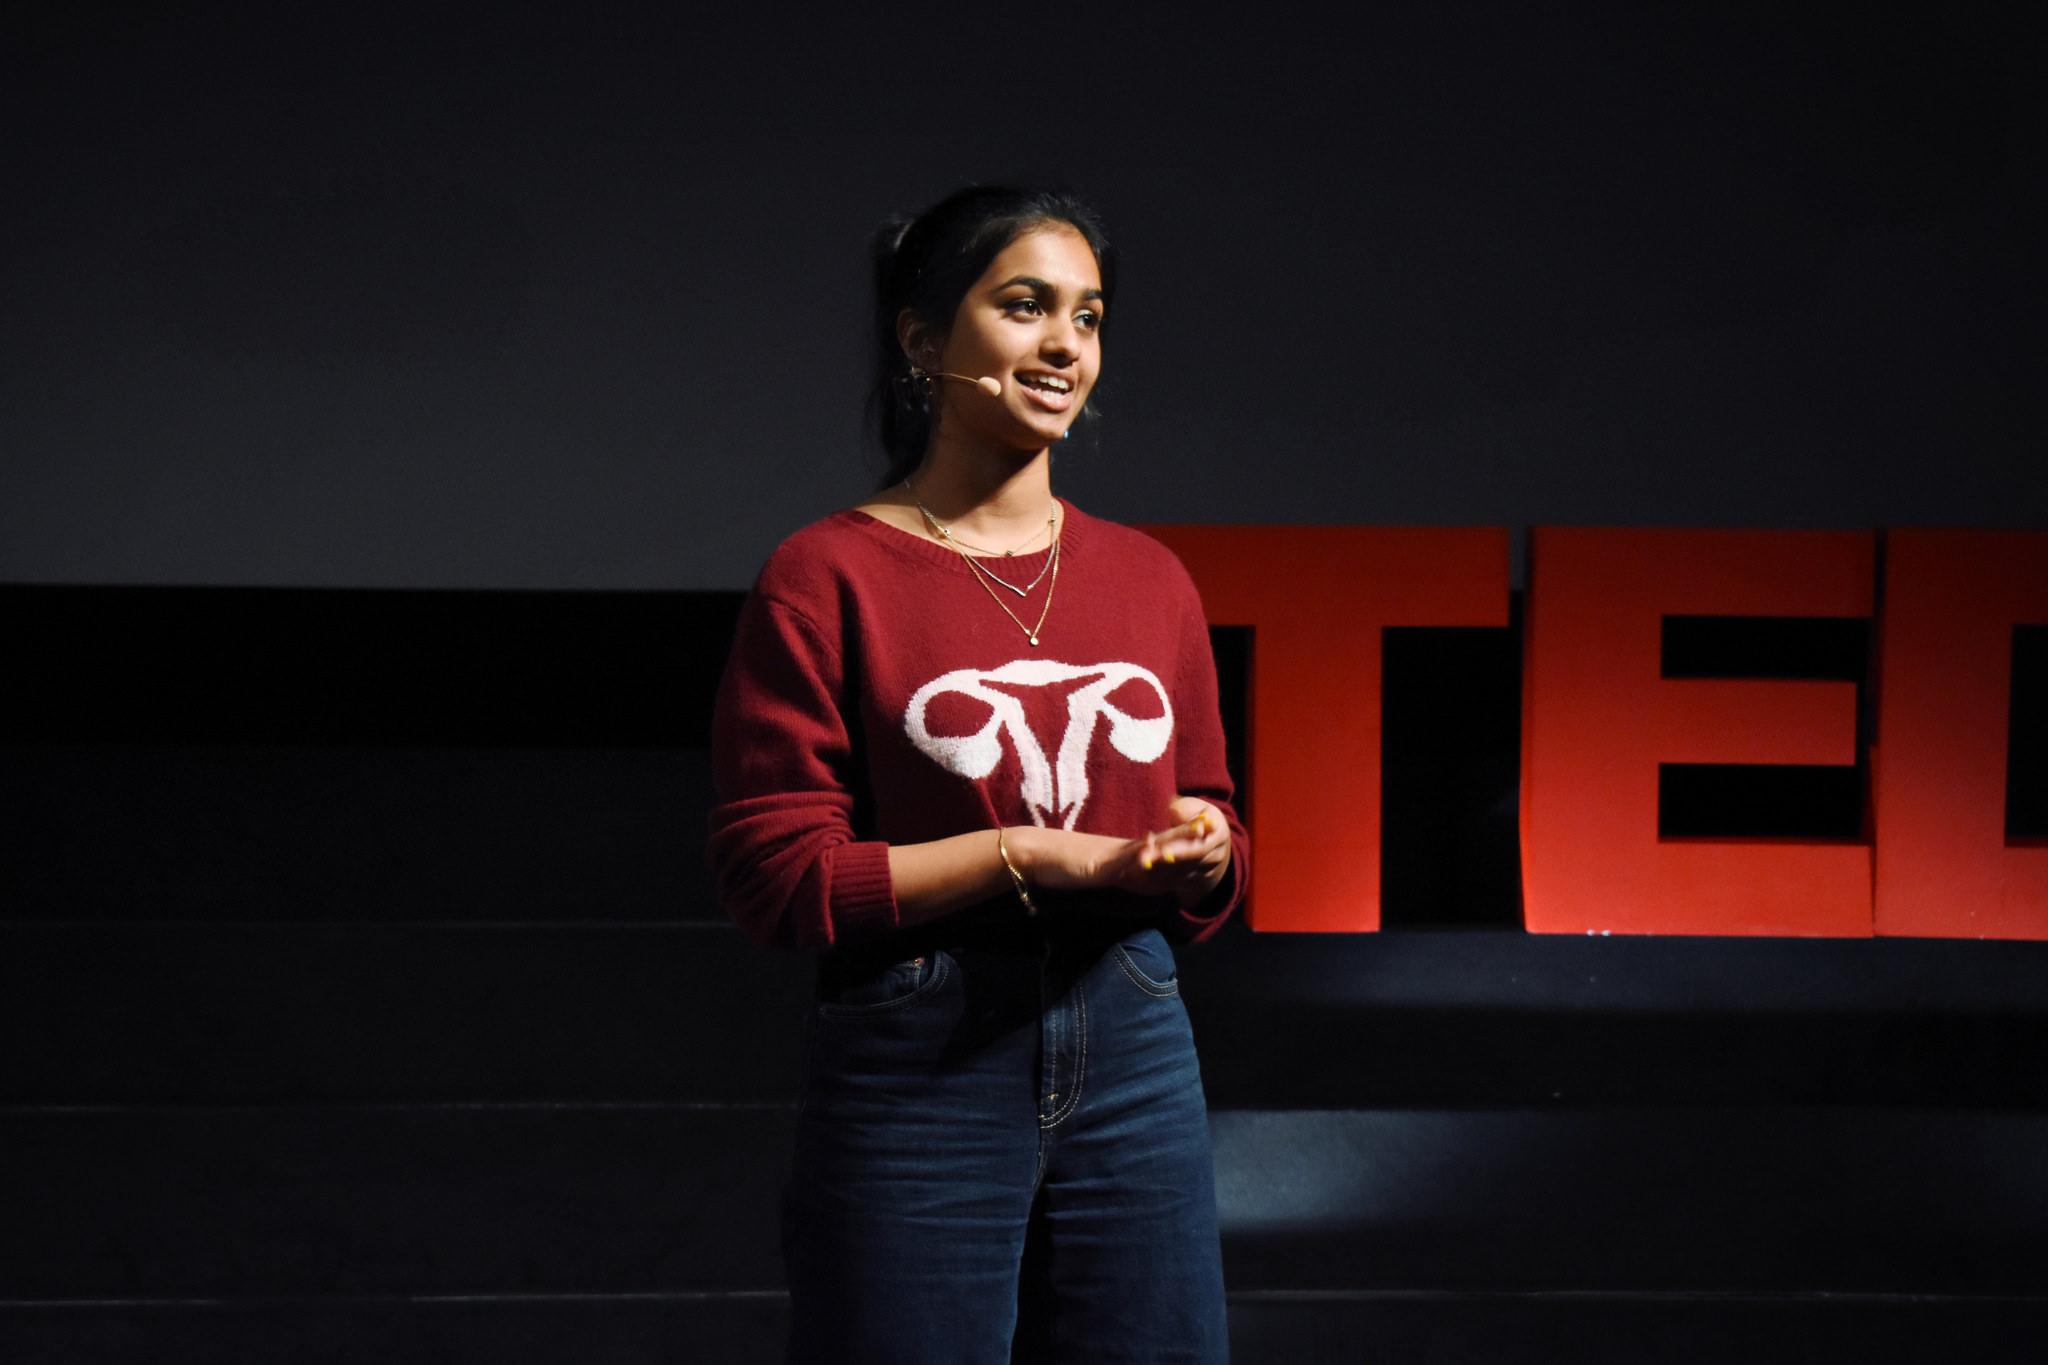 I fjor deltok Amika George på ein TEDx-arrangement der ho fortalte om #freeperiods. Foto: Wen-Yu Weng, TEDx CoventGardenWomen